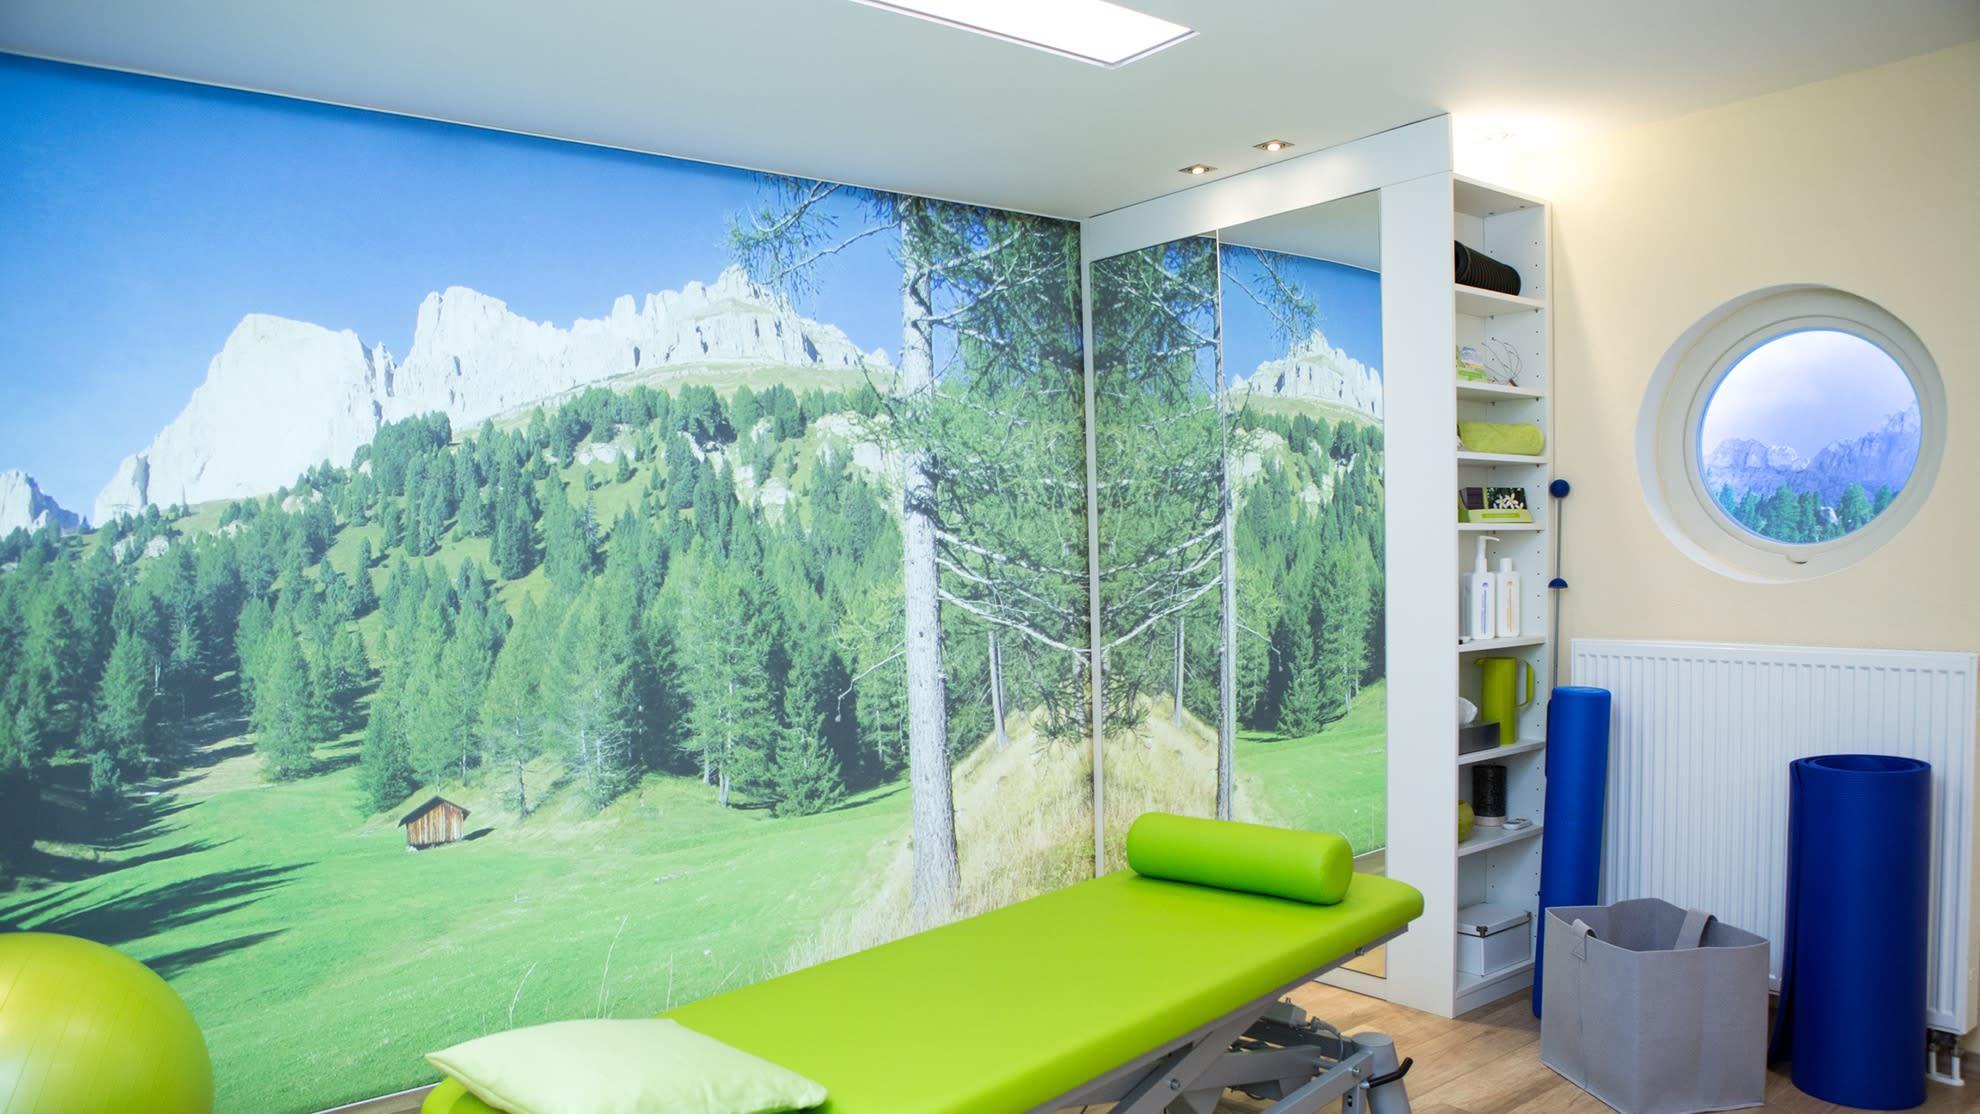 Behandlungsraum Bedruckte Wand mit Wald grüne Liege